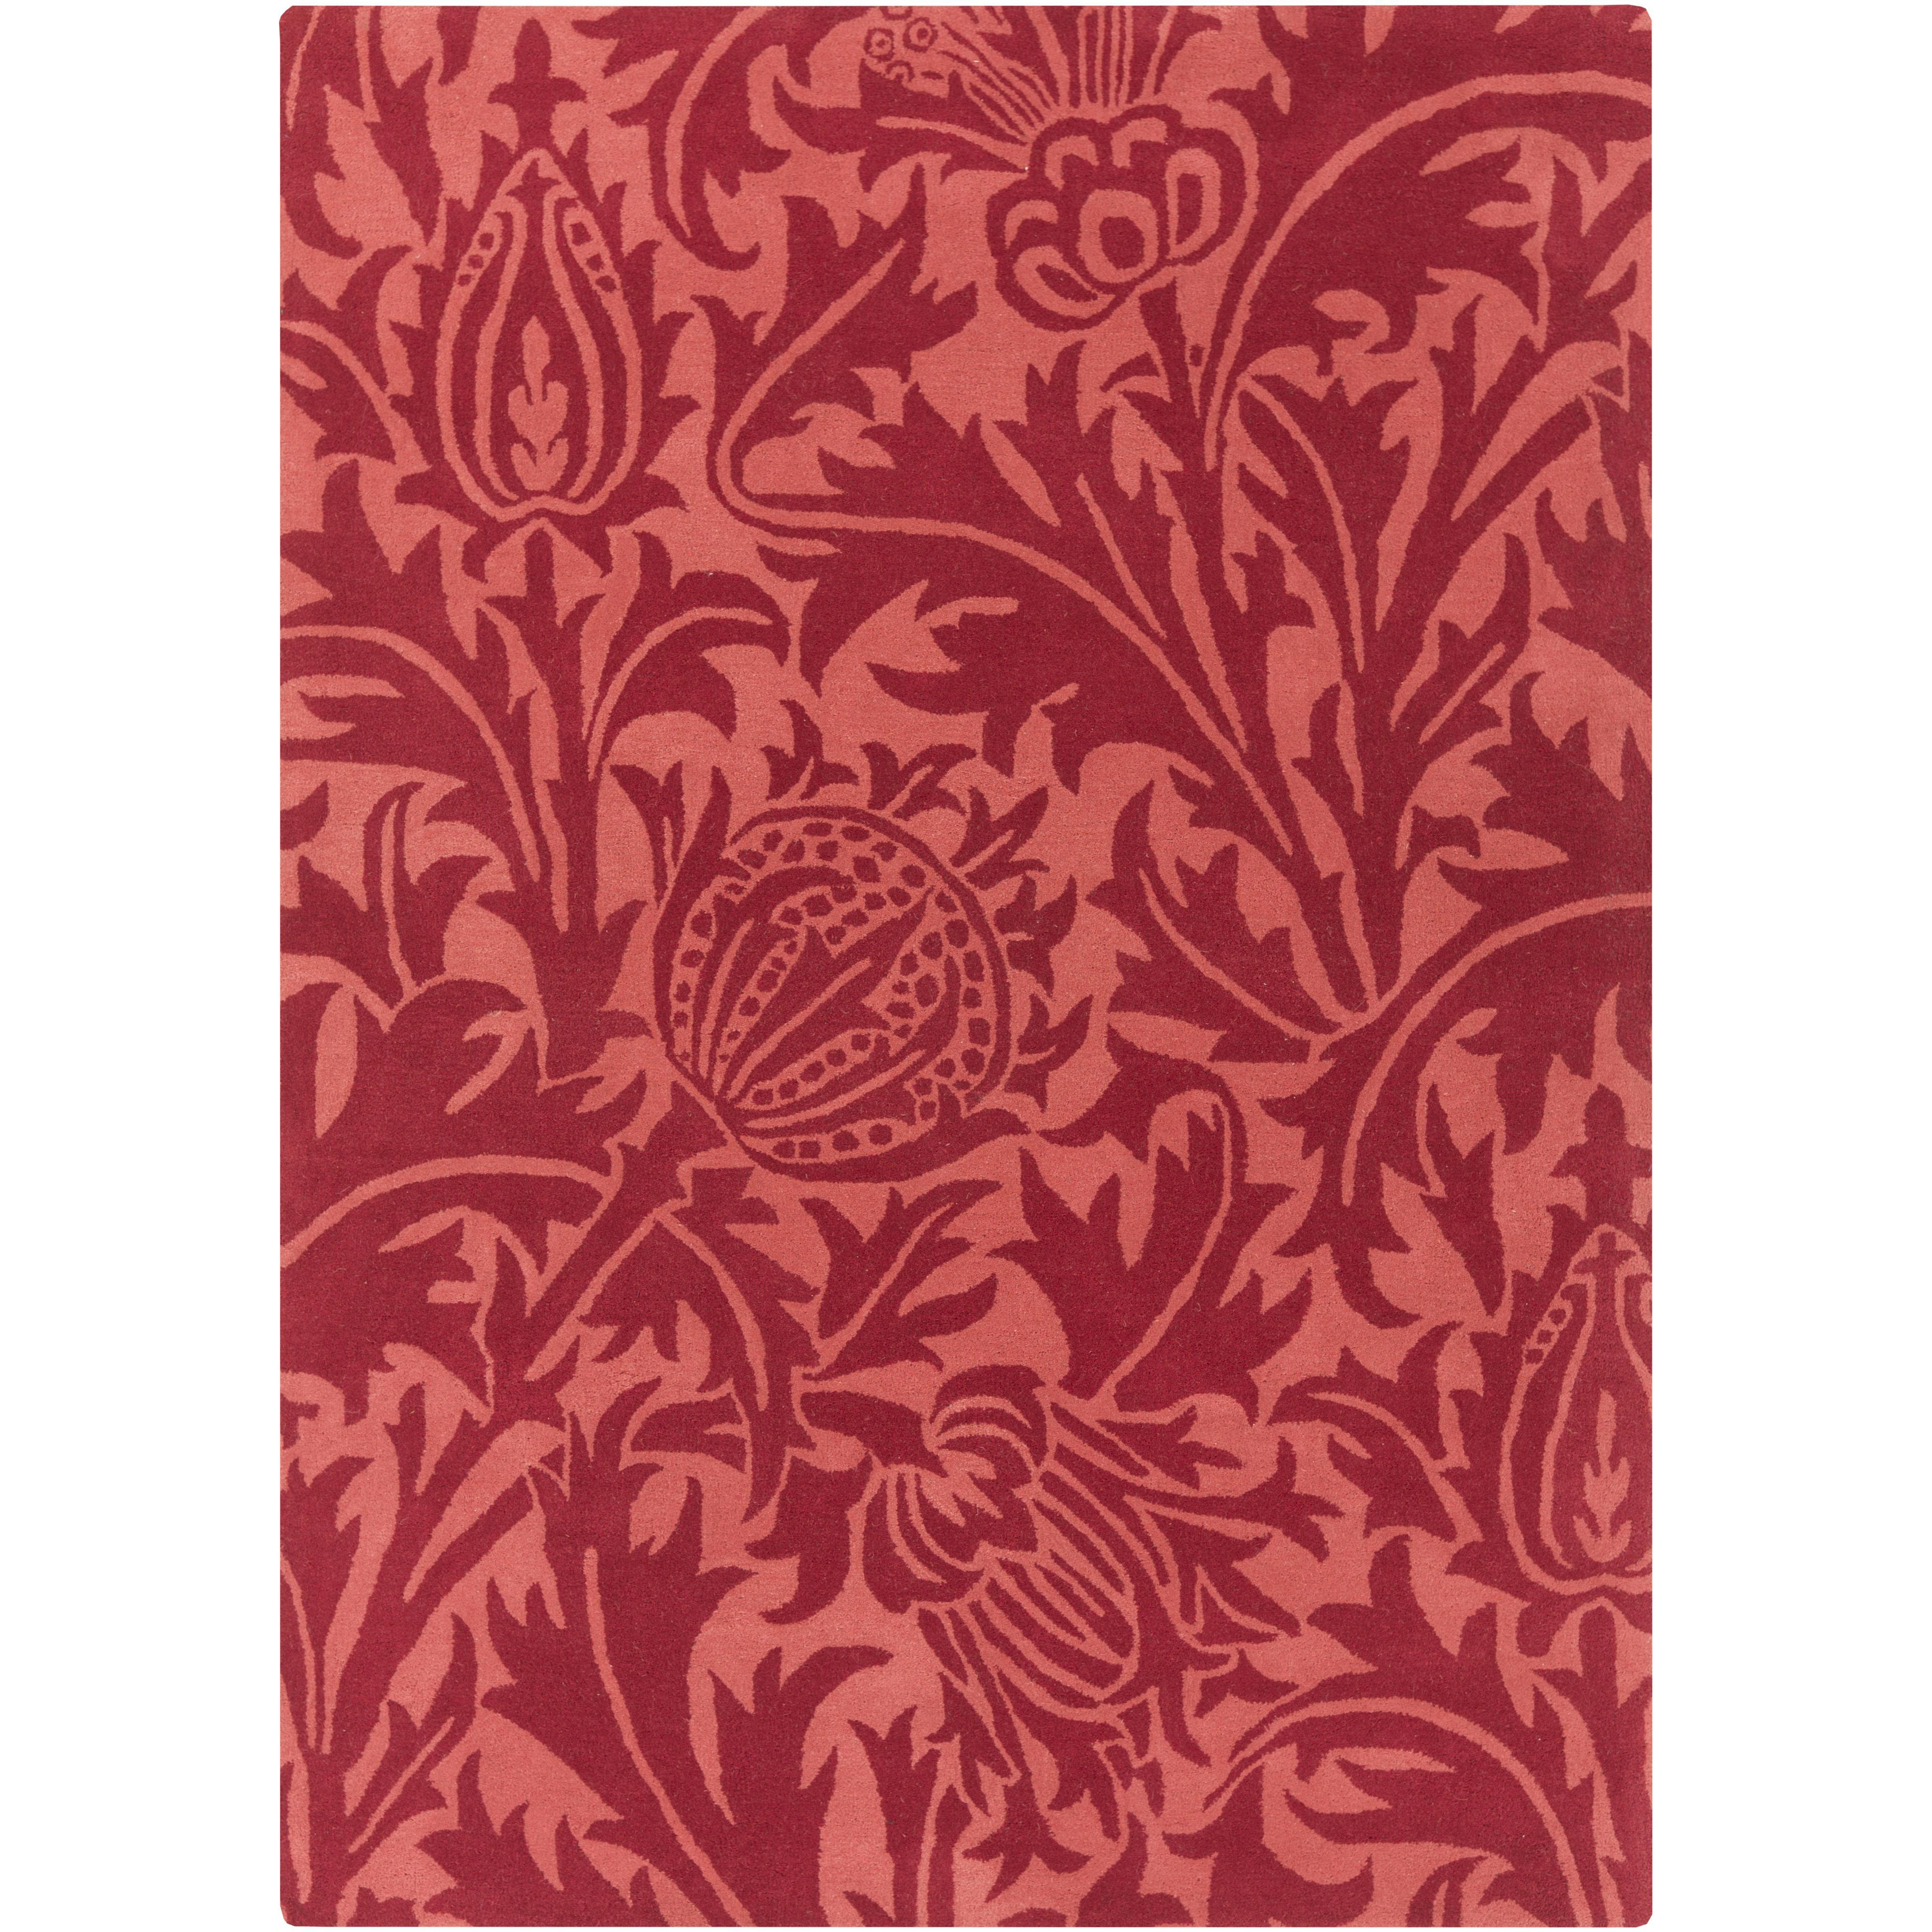 Surya Rugs William Morris 8' x 11' - Item Number: WLM3007-811